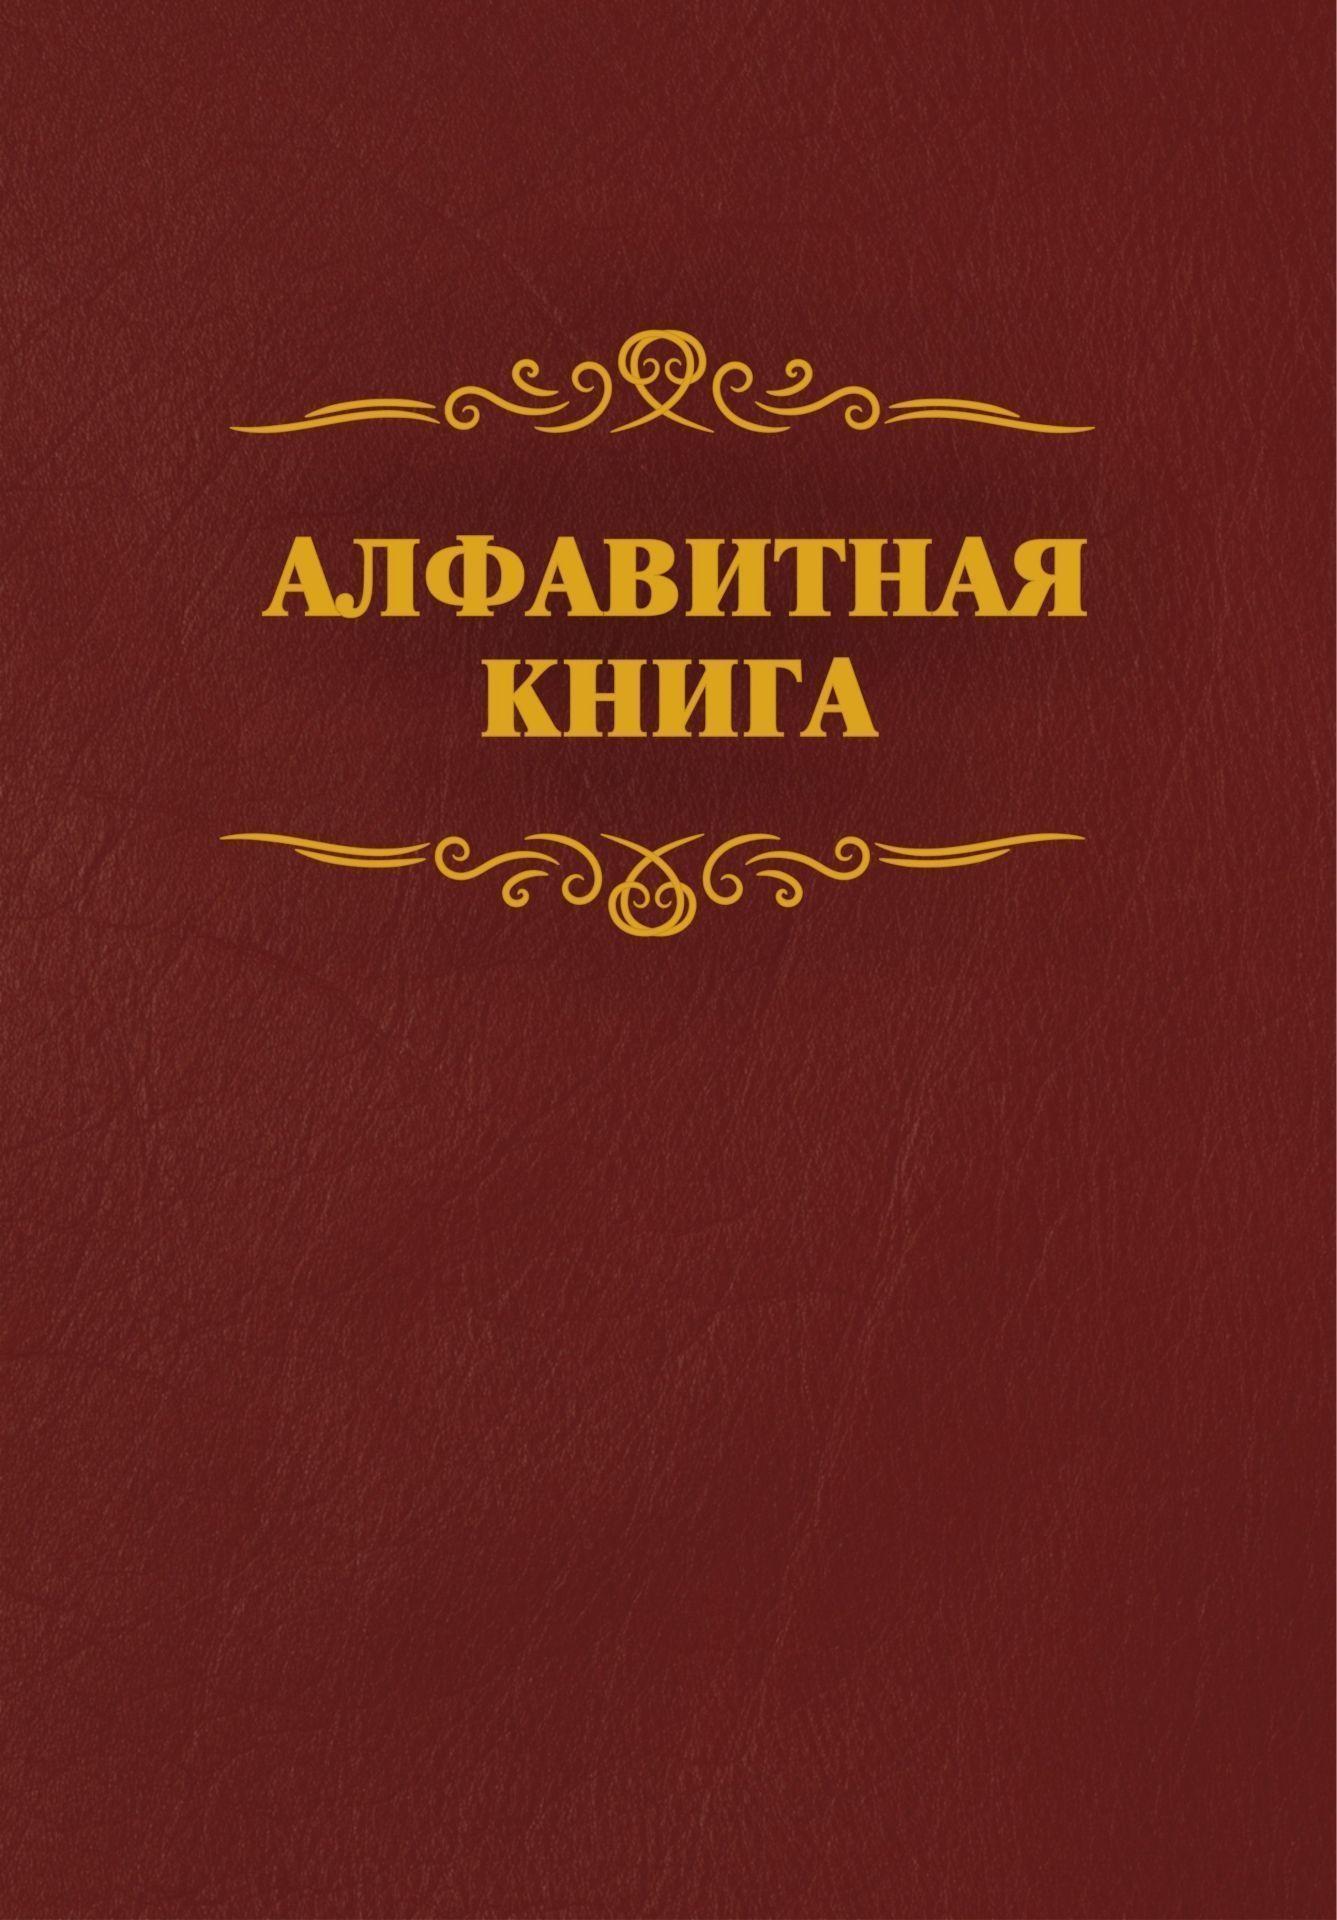 Алфавитная книга (с вырубкой алфавита)Формат А4<br>Материалы:на блок - бумага офсетная, пл. 70.00;на обложку - переплетный материал.<br><br>Год: 2017<br>Высота: 290<br>Ширина: 205<br>Переплёт: 7 Б